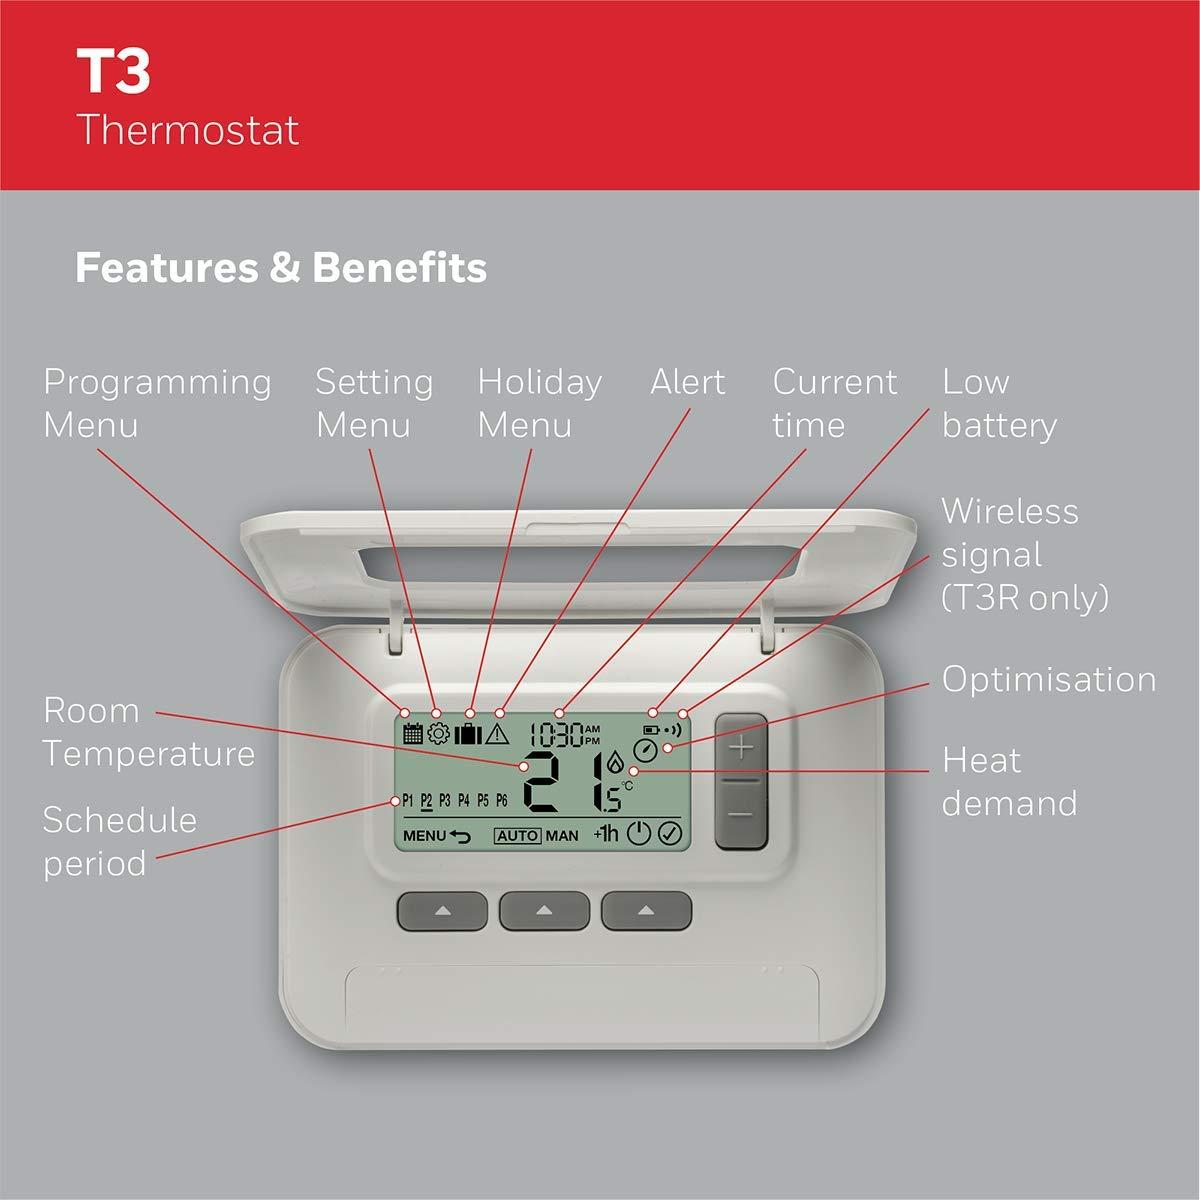 Termostato T3 cableado programable 7 d/ías de Honeywell Home